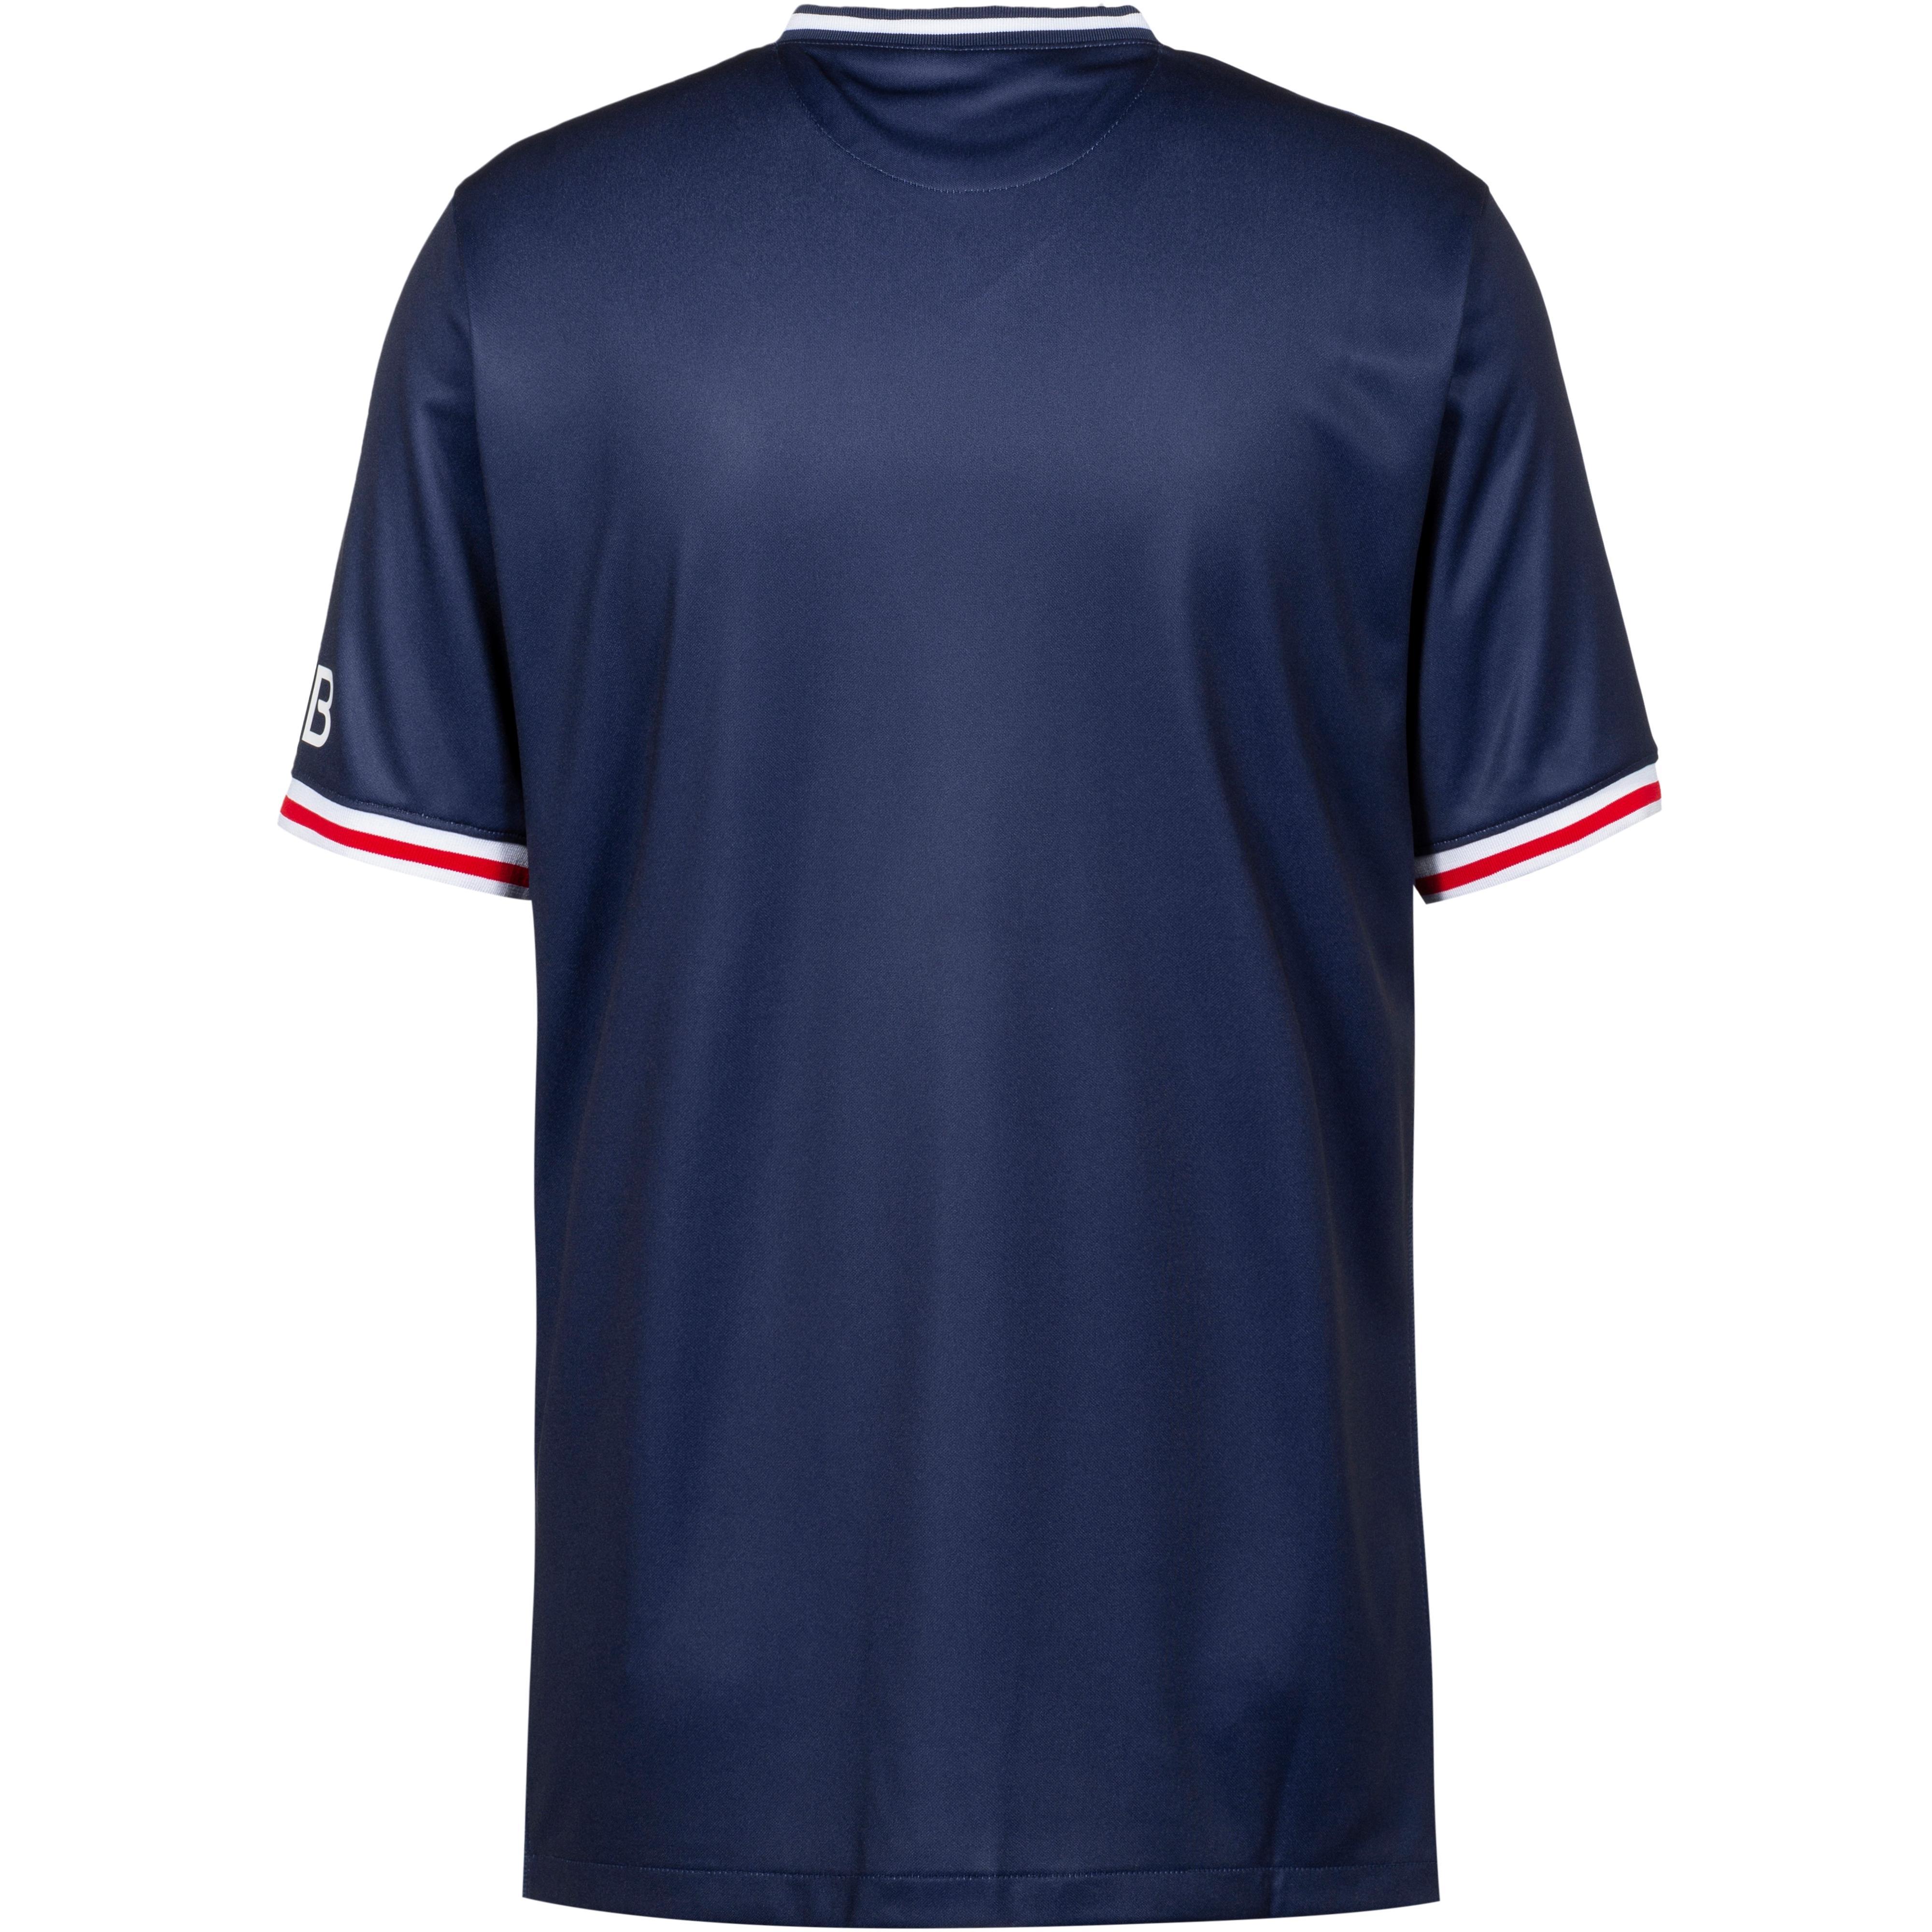 nike paris saint germain 20 21 heim trikot herren midnight navy white im online shop von sportscheck kaufen